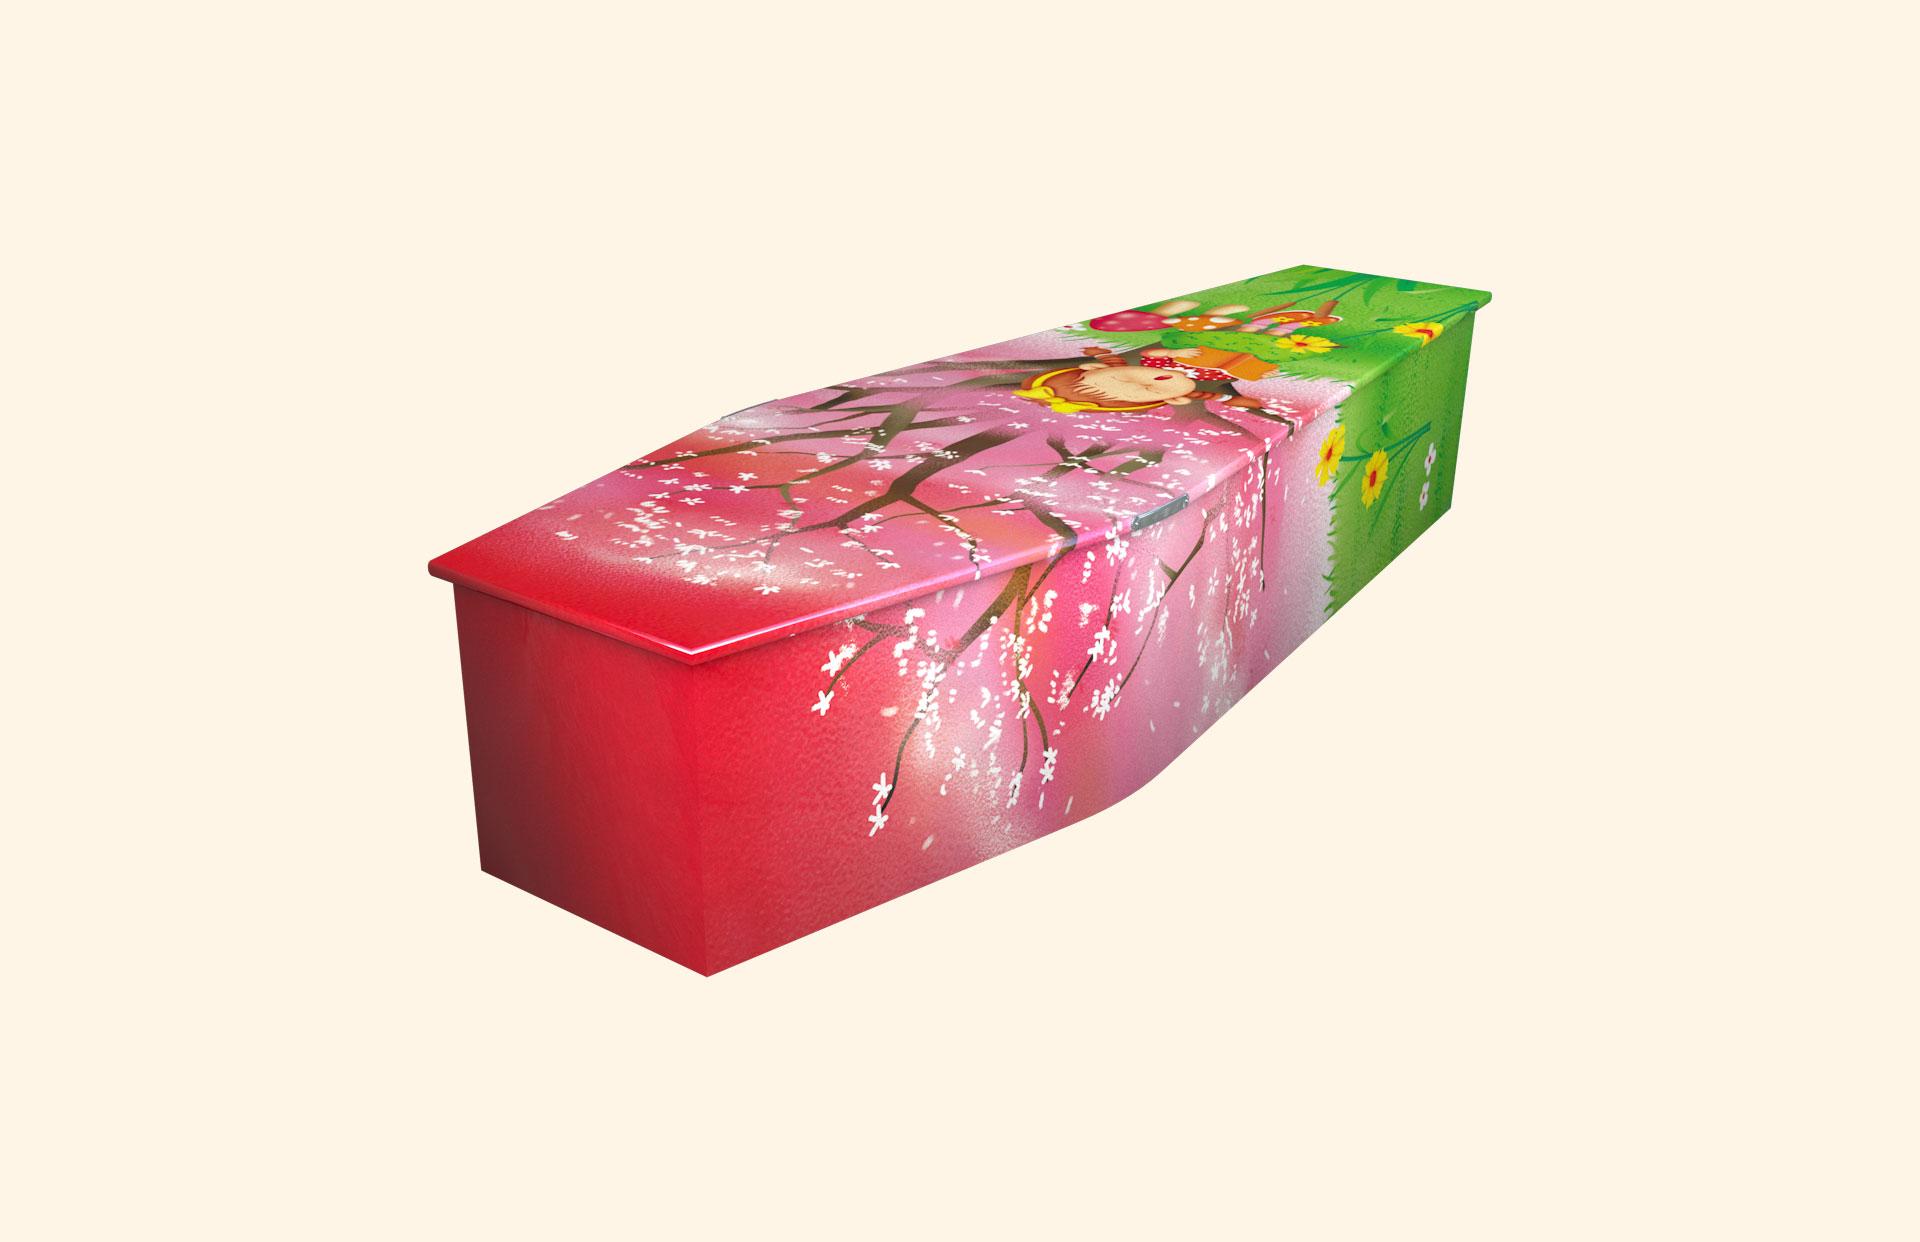 Blossom child coffin